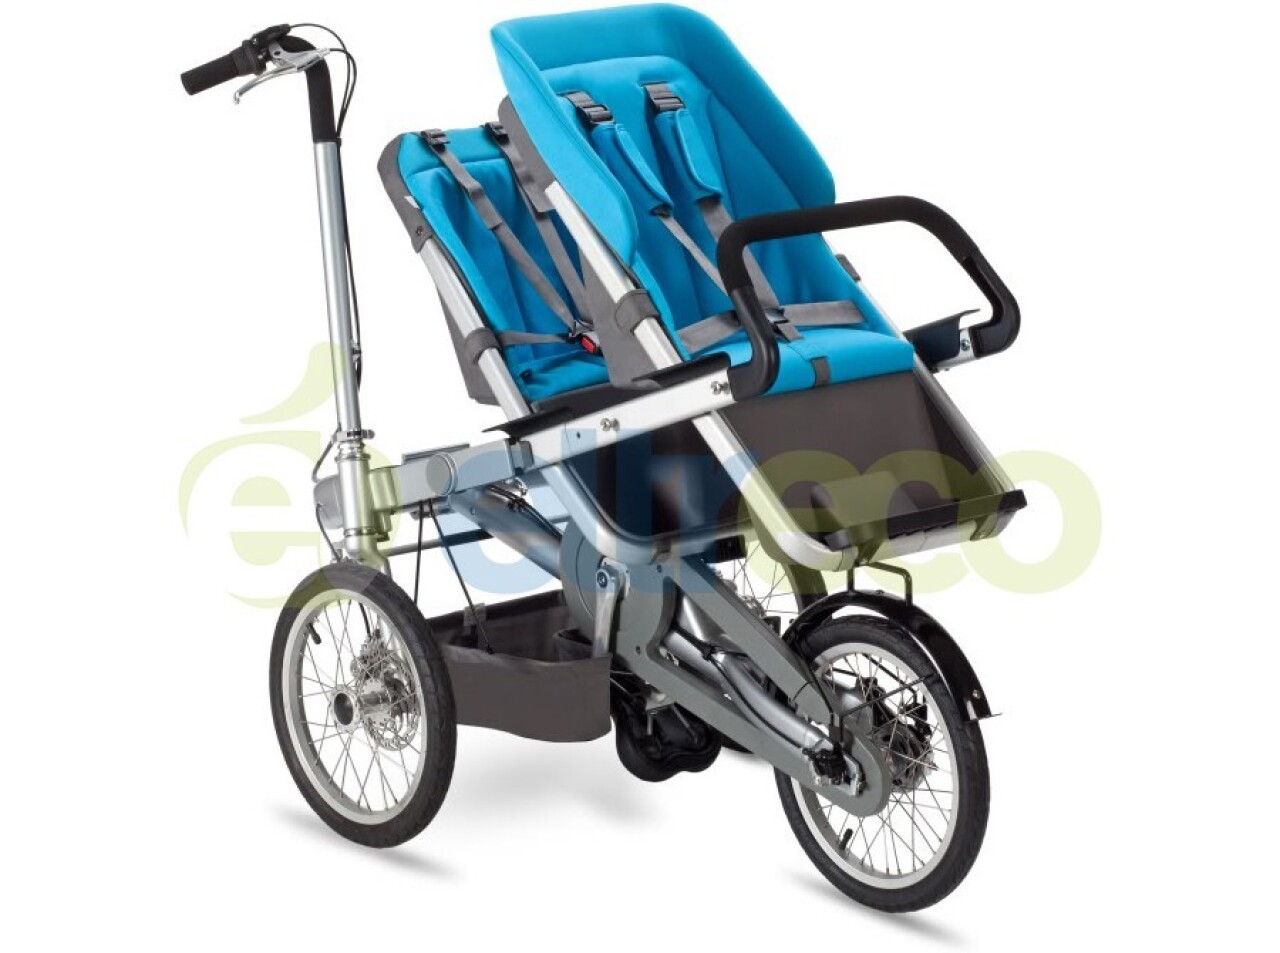 Велосипед Eltreco Taga с двумя детскими креслами (2015)